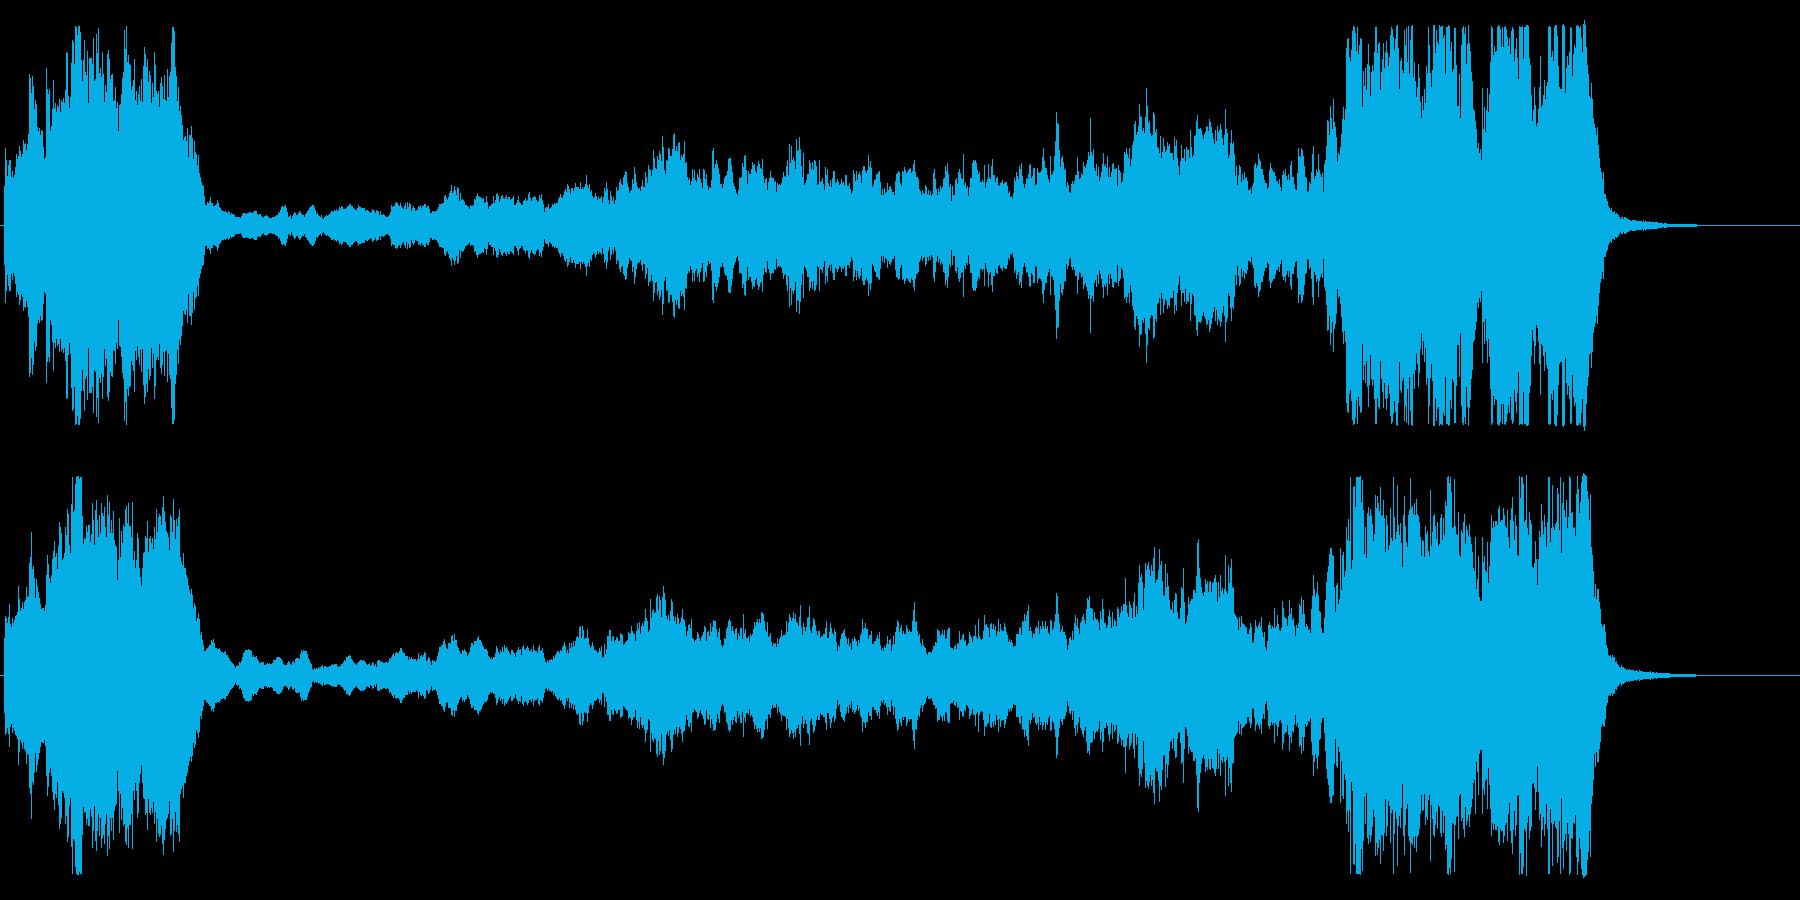 オープニング的な起伏のあるオーケストラ曲の再生済みの波形